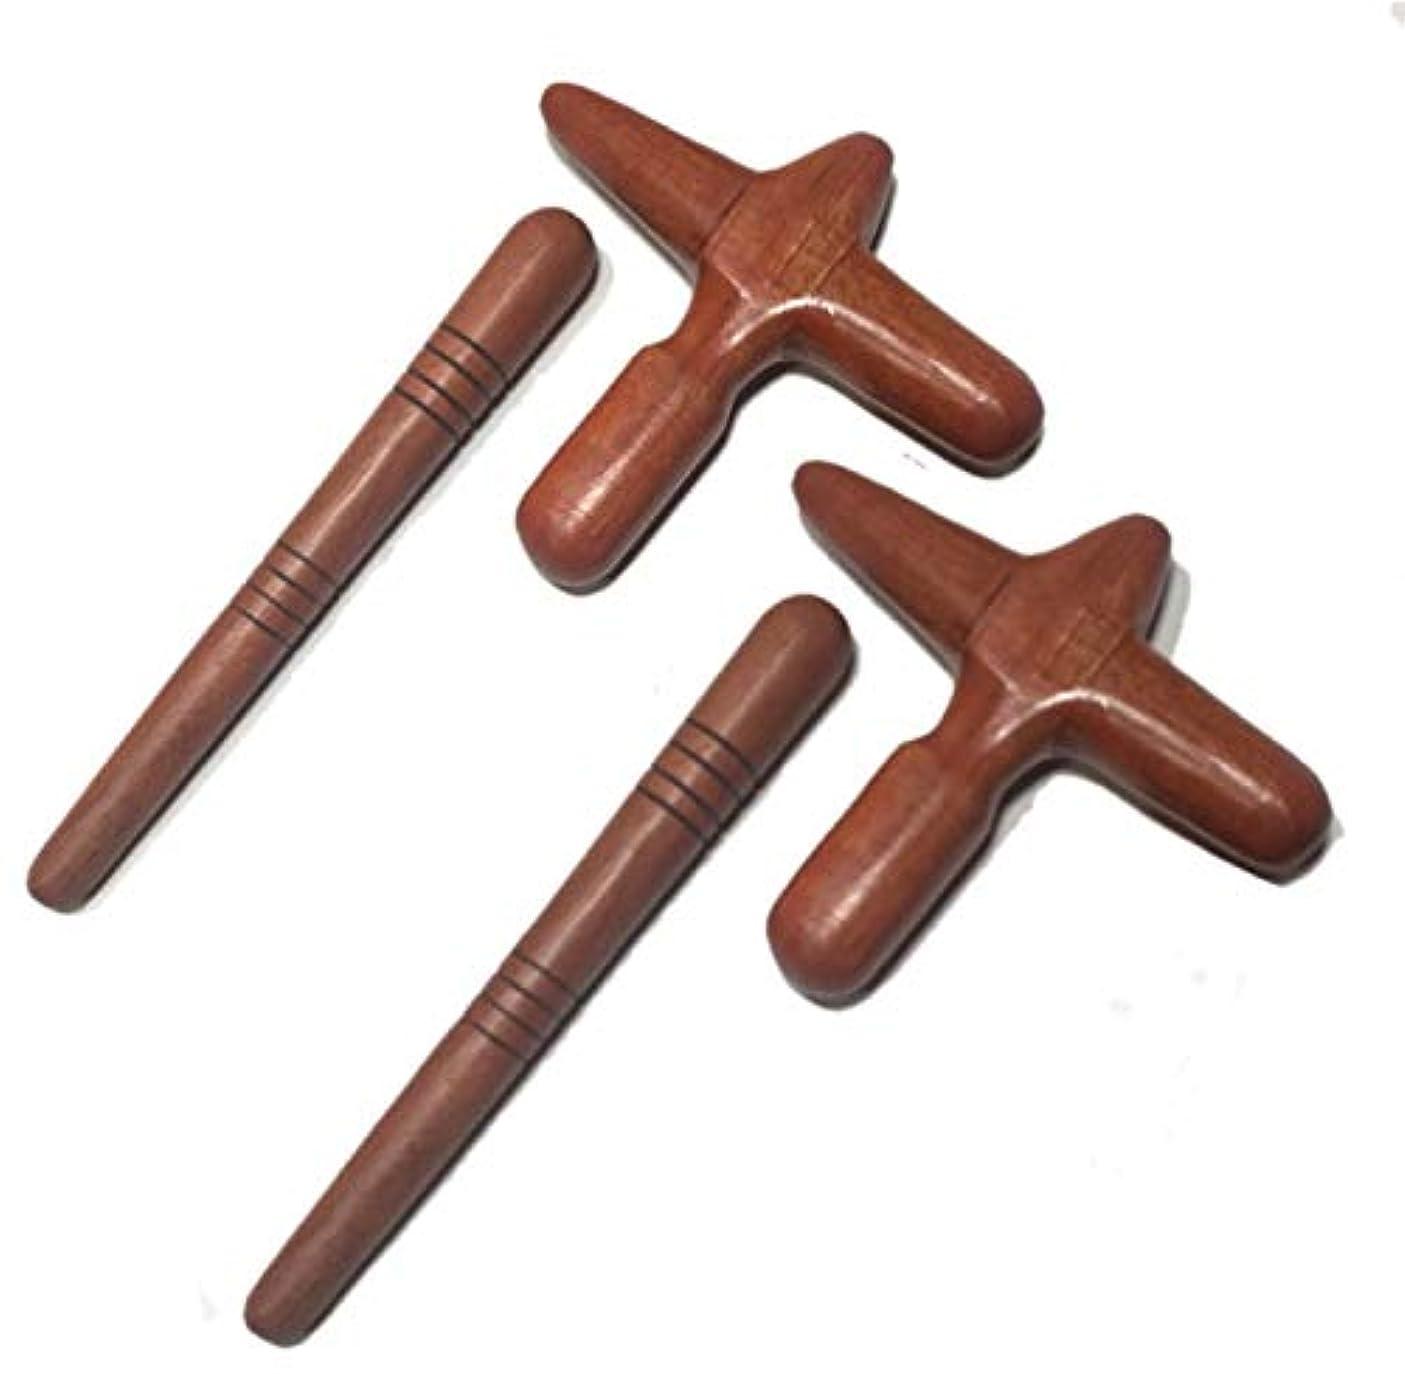 代表下必要性木製 ツボ押し棒 2種類×2セット 足裏マッサージ棒 足つぼ フットマッサージ棒 (2)